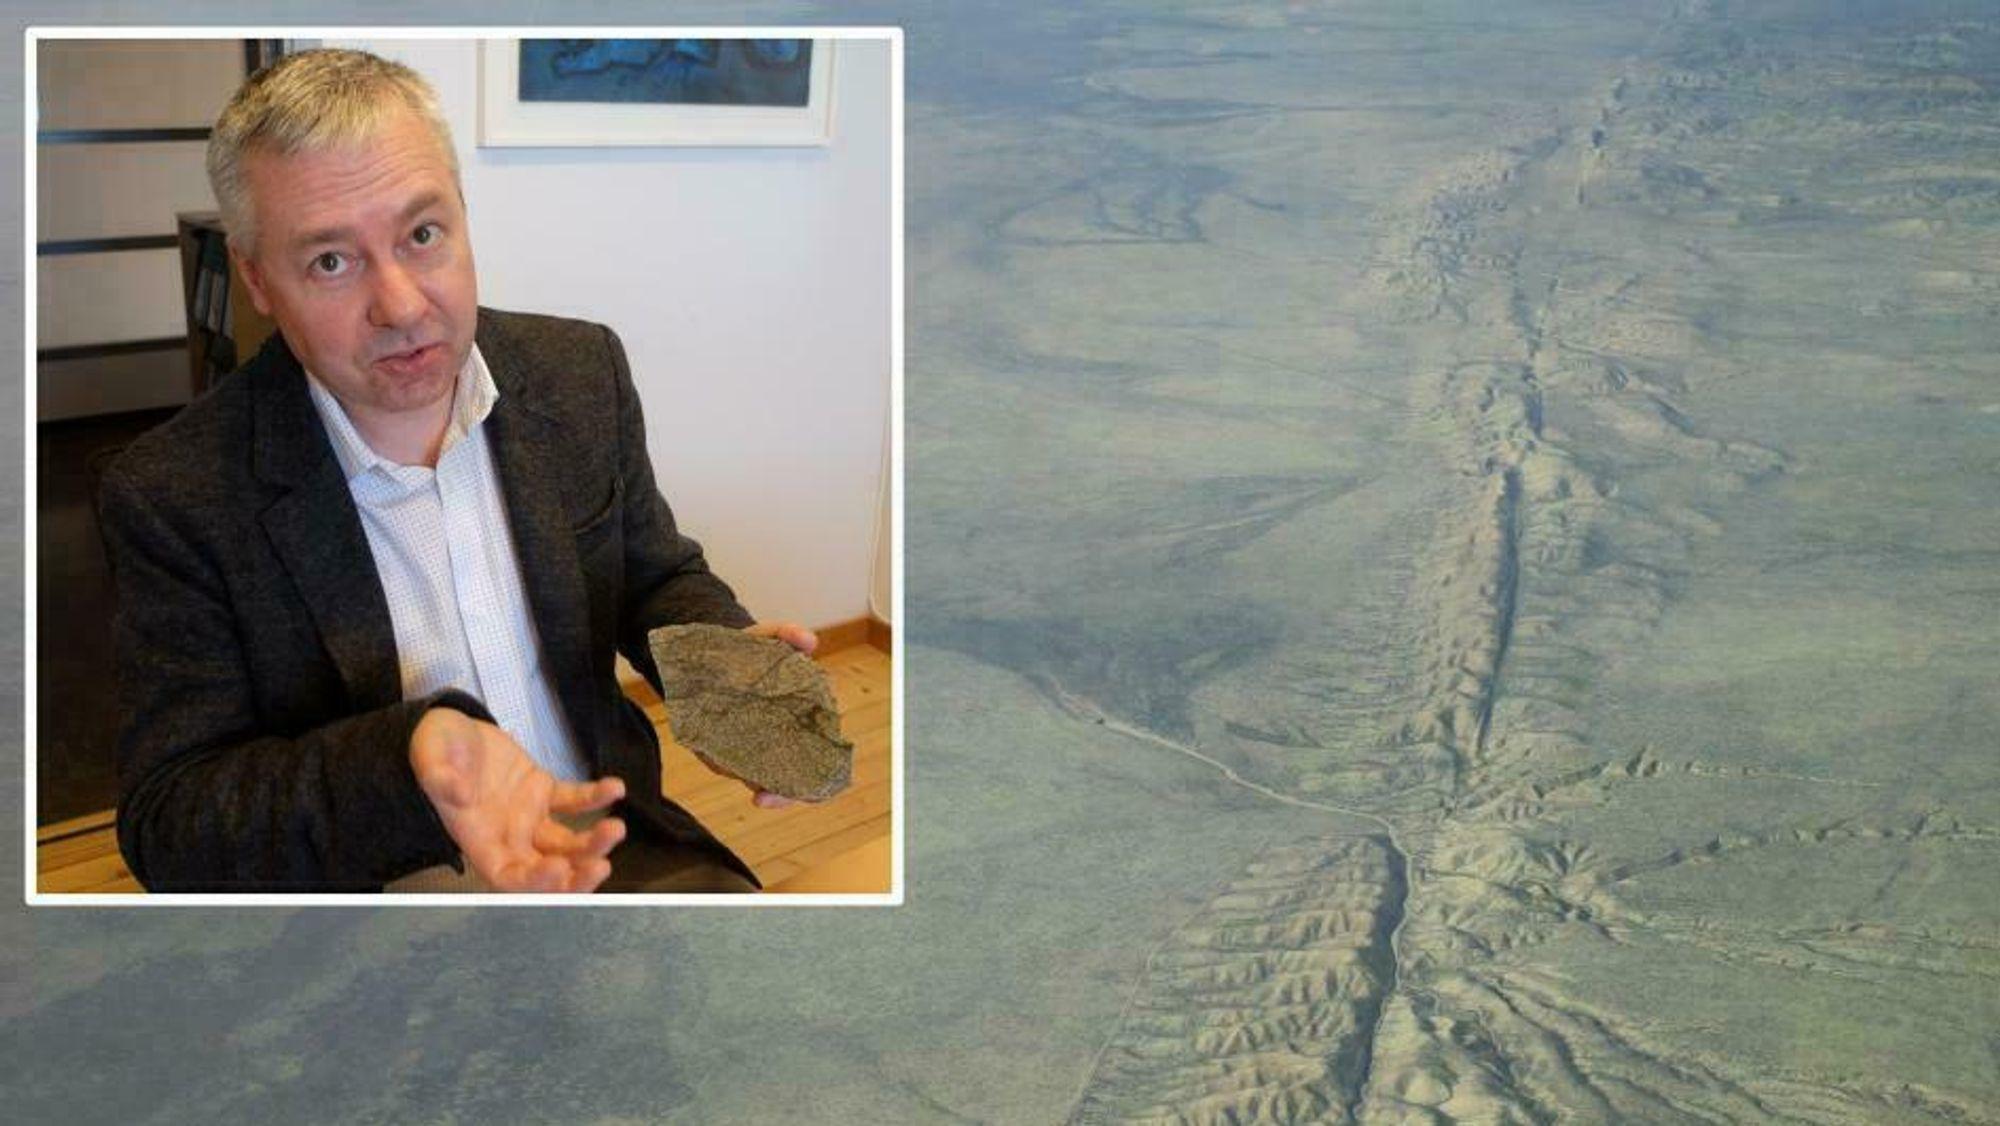 Francois Renard skal undersøke steinprøver fra Norge og fra San Andreas-forkastningen i California.